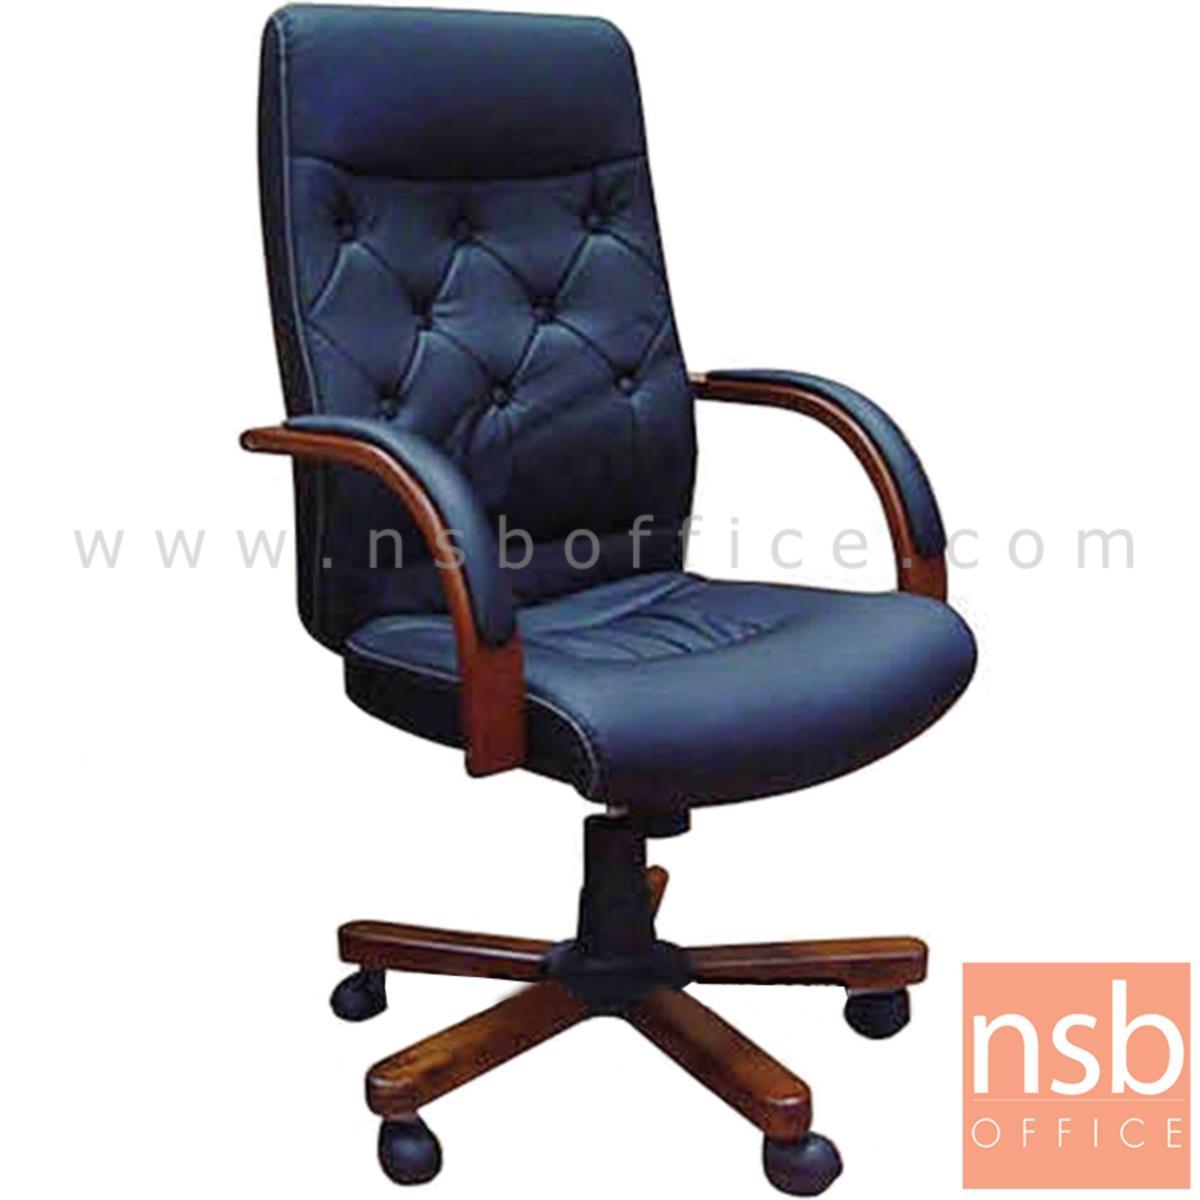 B25A080:เก้าอี้ผู้บริหารหนัง PU รุ่น Gavin (เกวิน)  ขาไม้